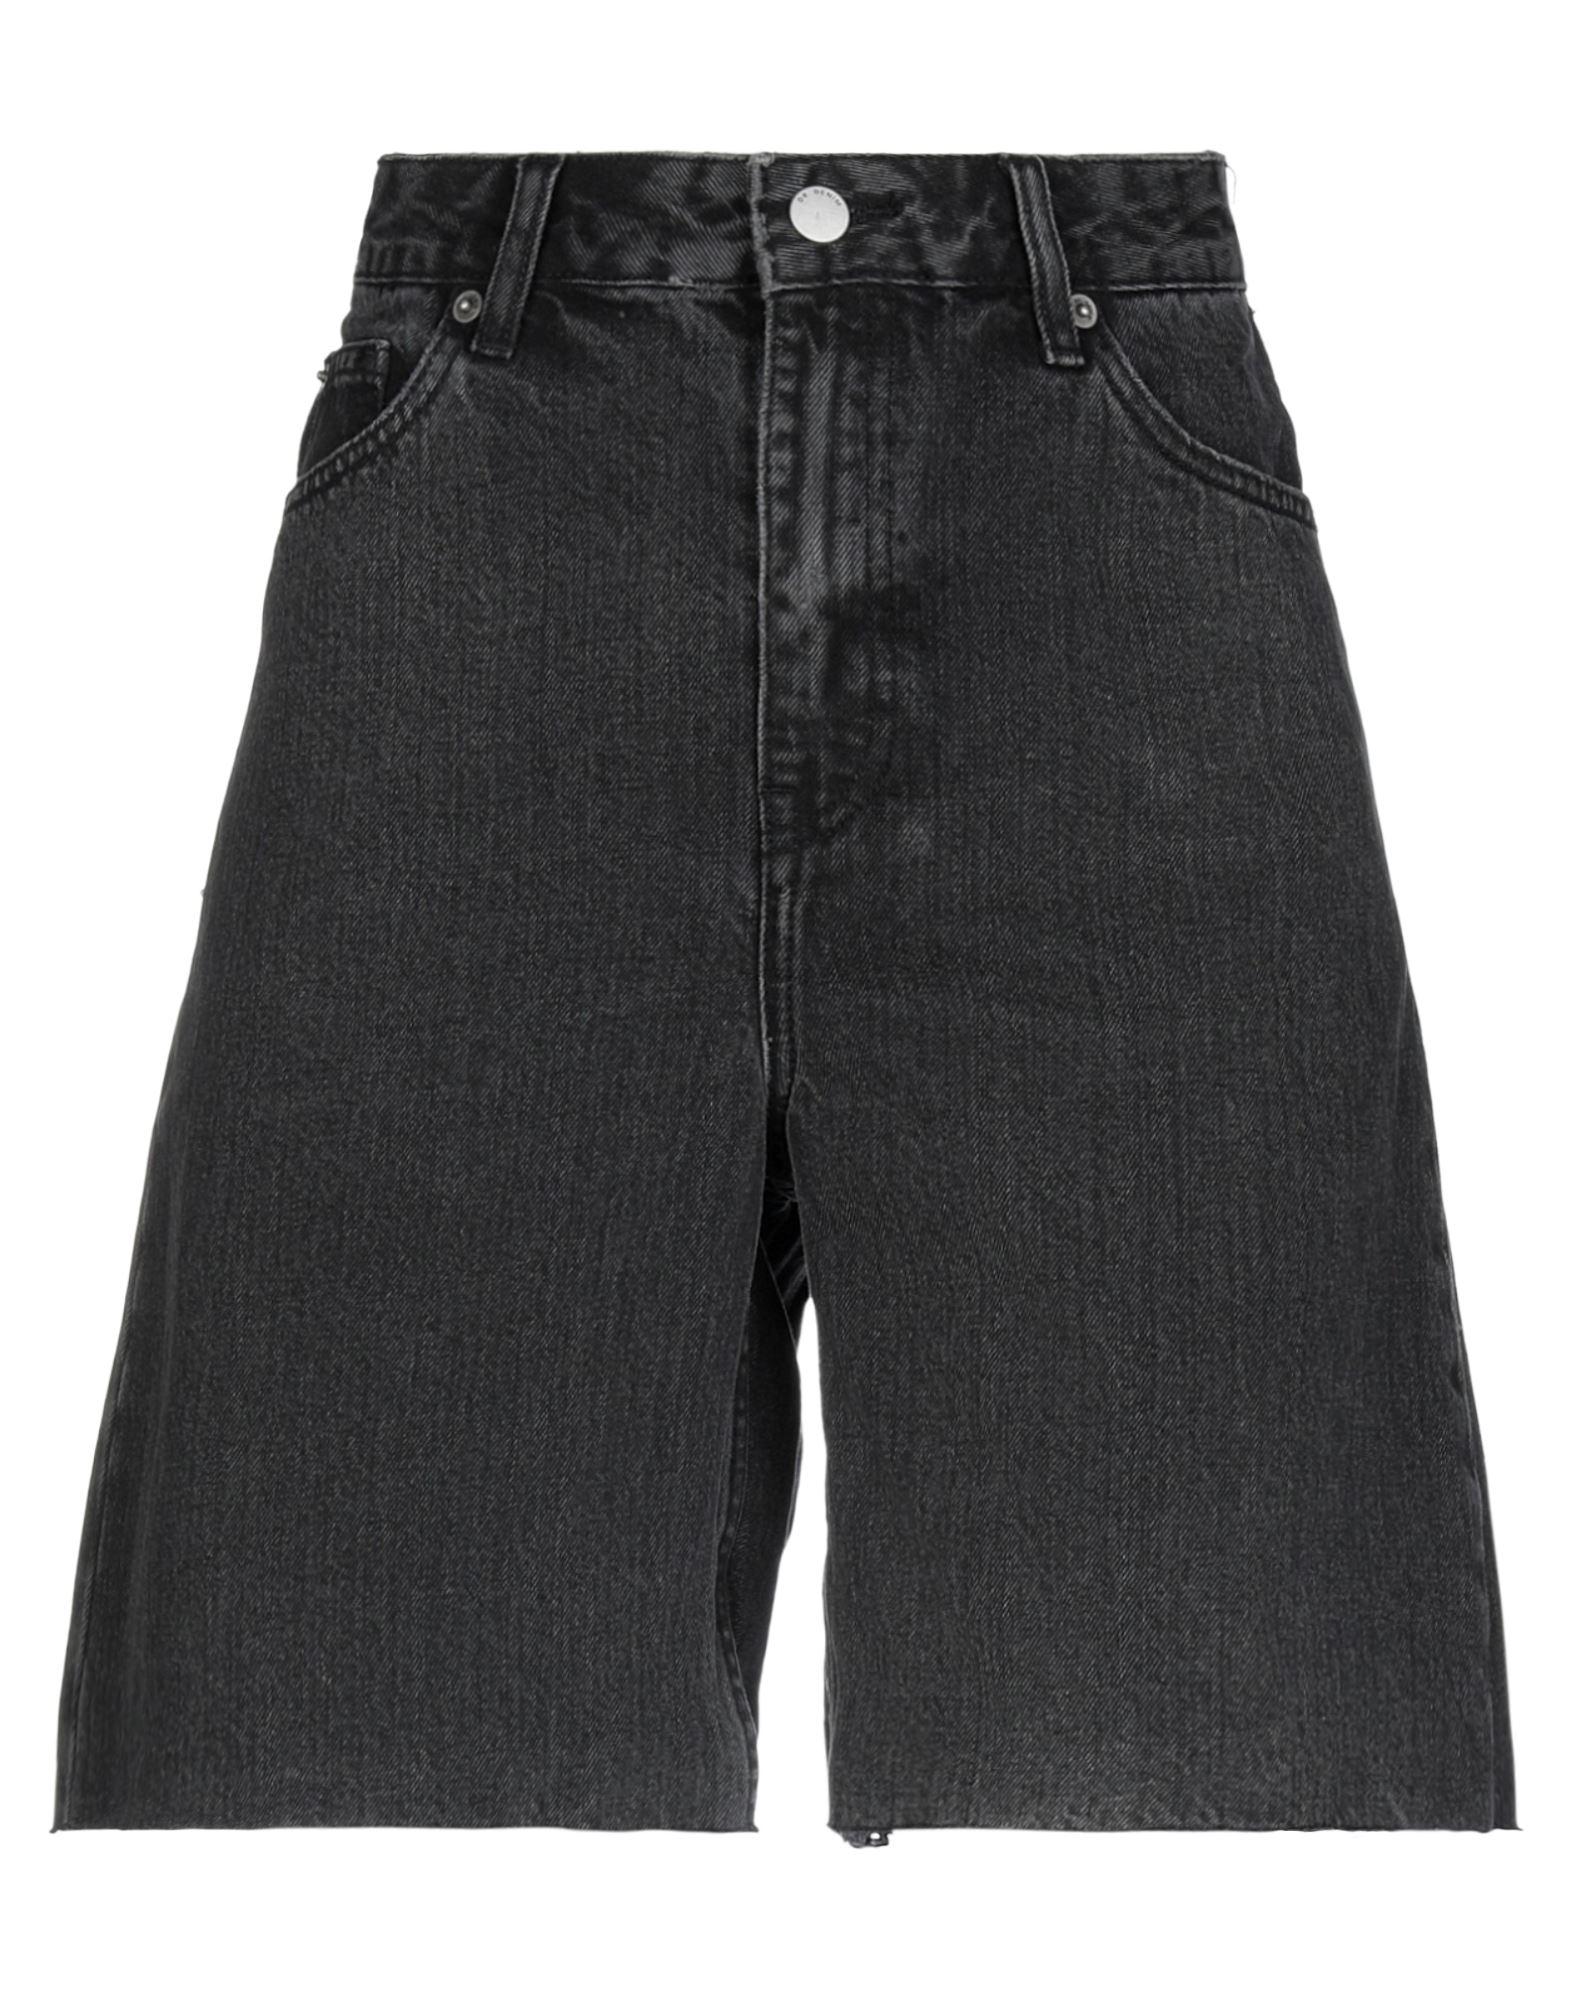 DR. DENIM JEANSMAKERS Джинсовые бермуды dr denim jeansmakers джинсовые брюки